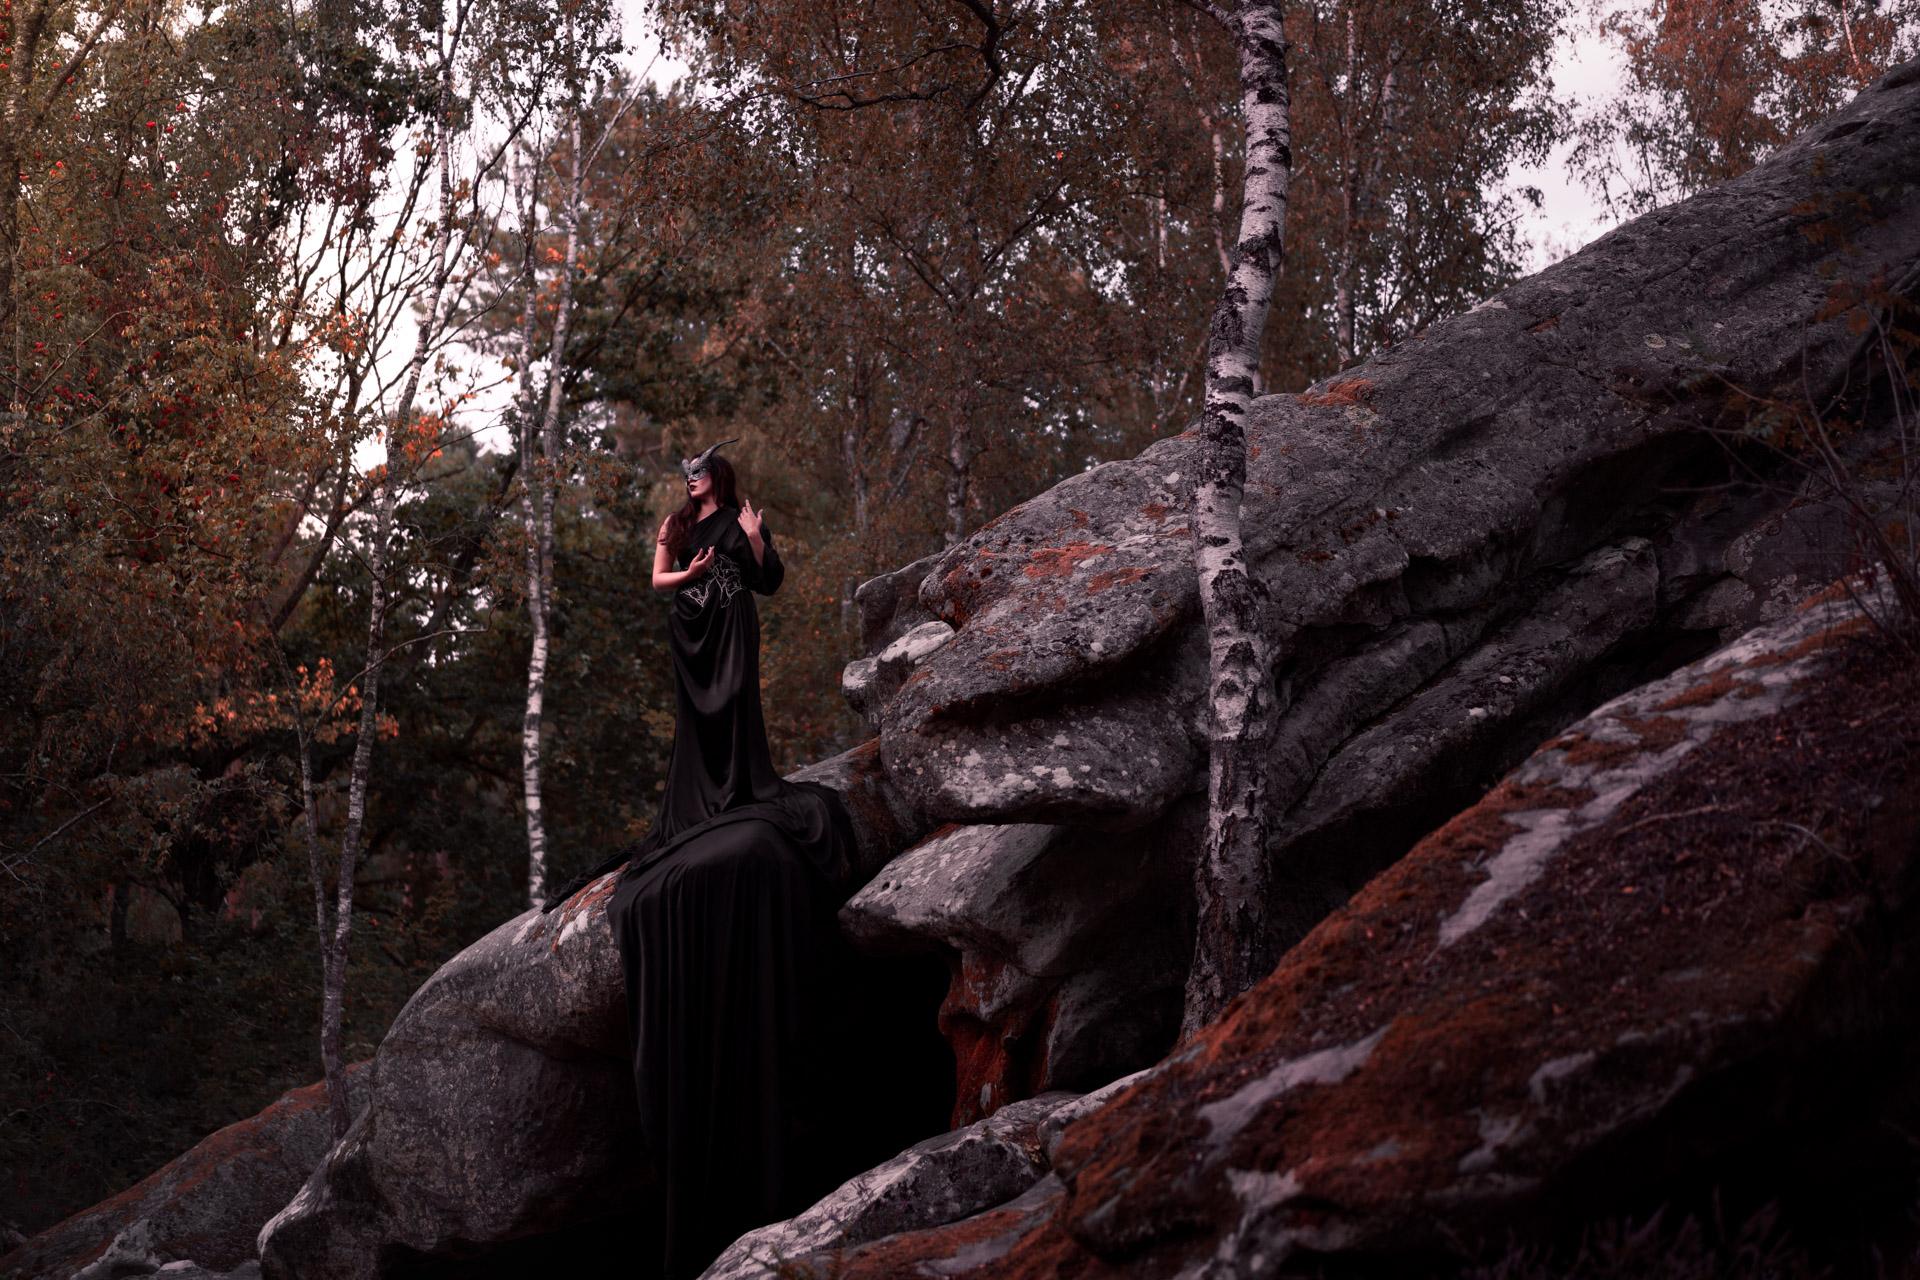 Maléfique, sur son haut rocher.